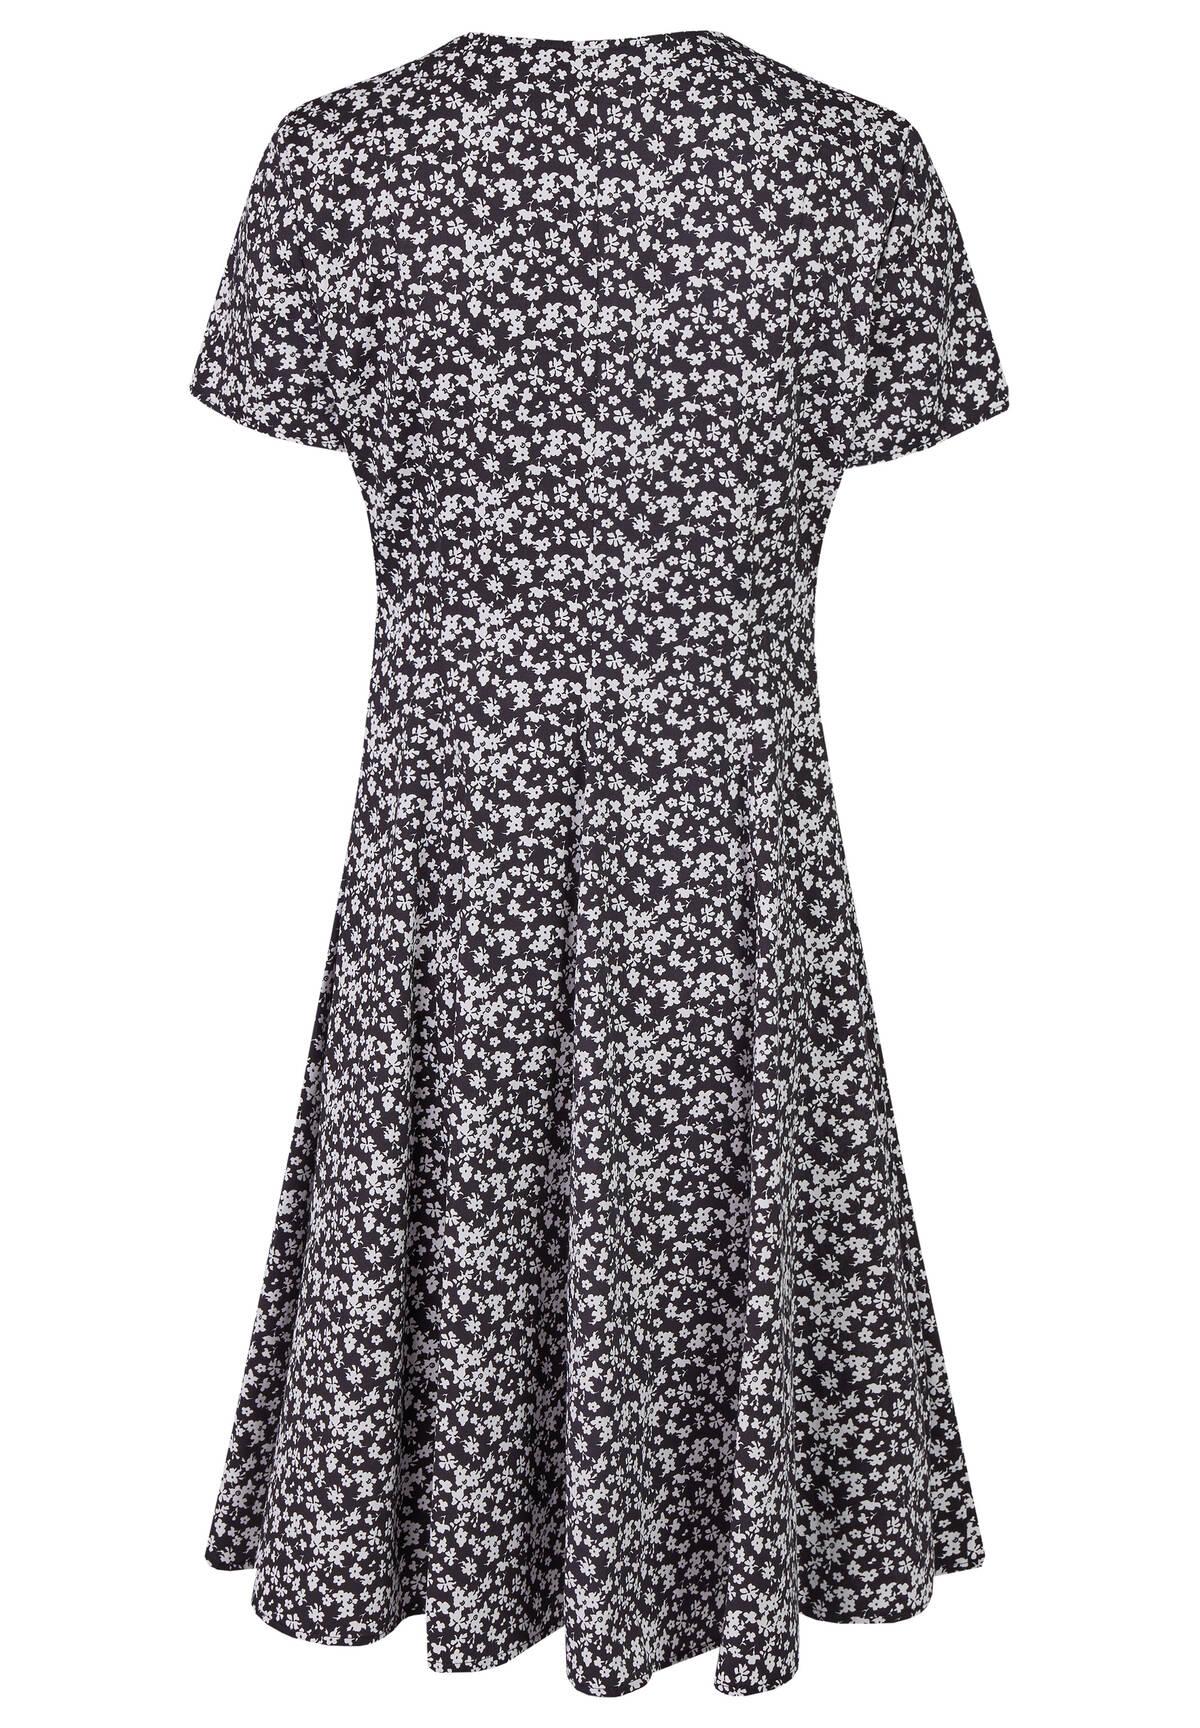 Florales Sommerkleid mit Bindegürtel / Dress